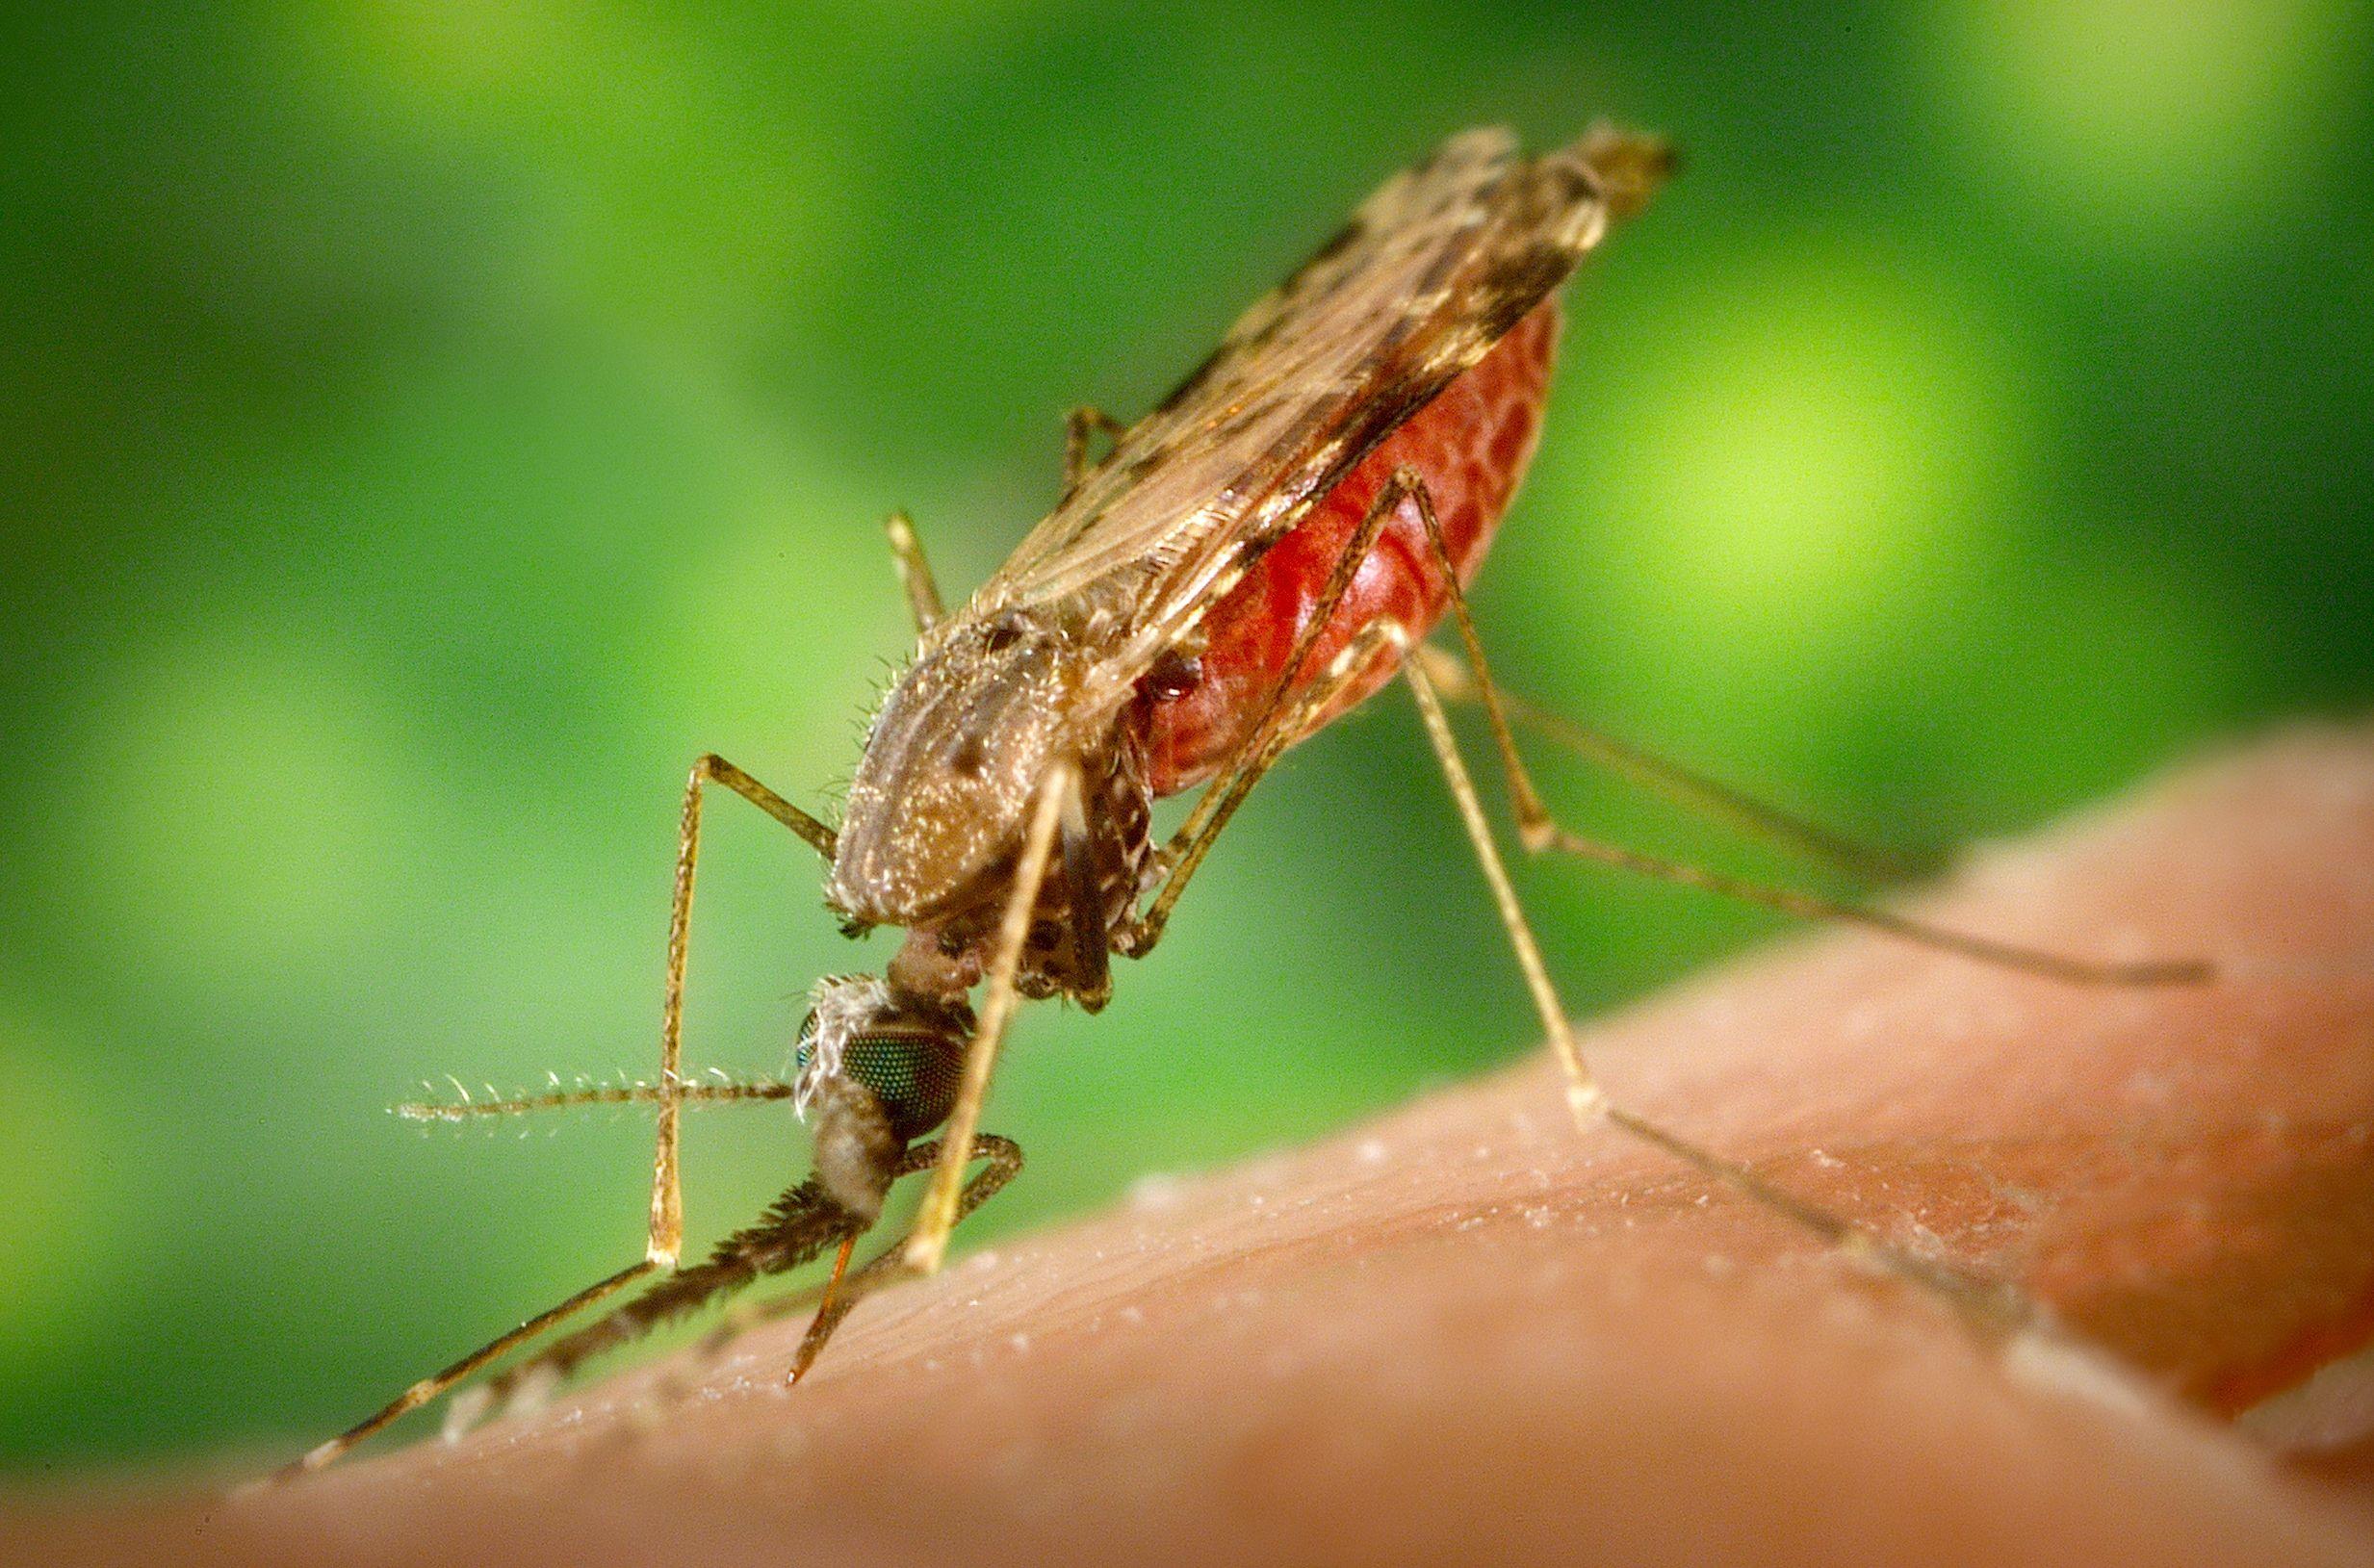 Odeur, température, couleur... Tout savoir sur ce qui attire les moustiques vers certaines peaux plutôt que d'autres